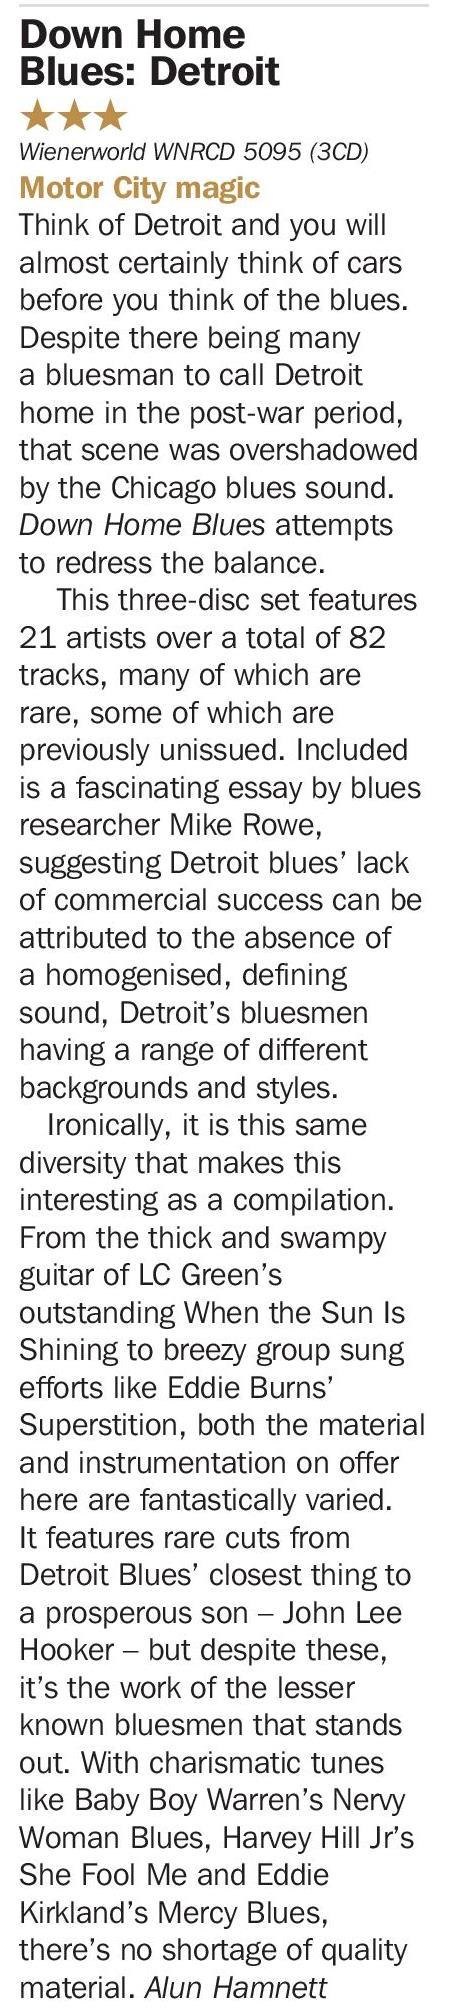 Down Home Blues Detroit - Detroit Special (3 discs)-1783